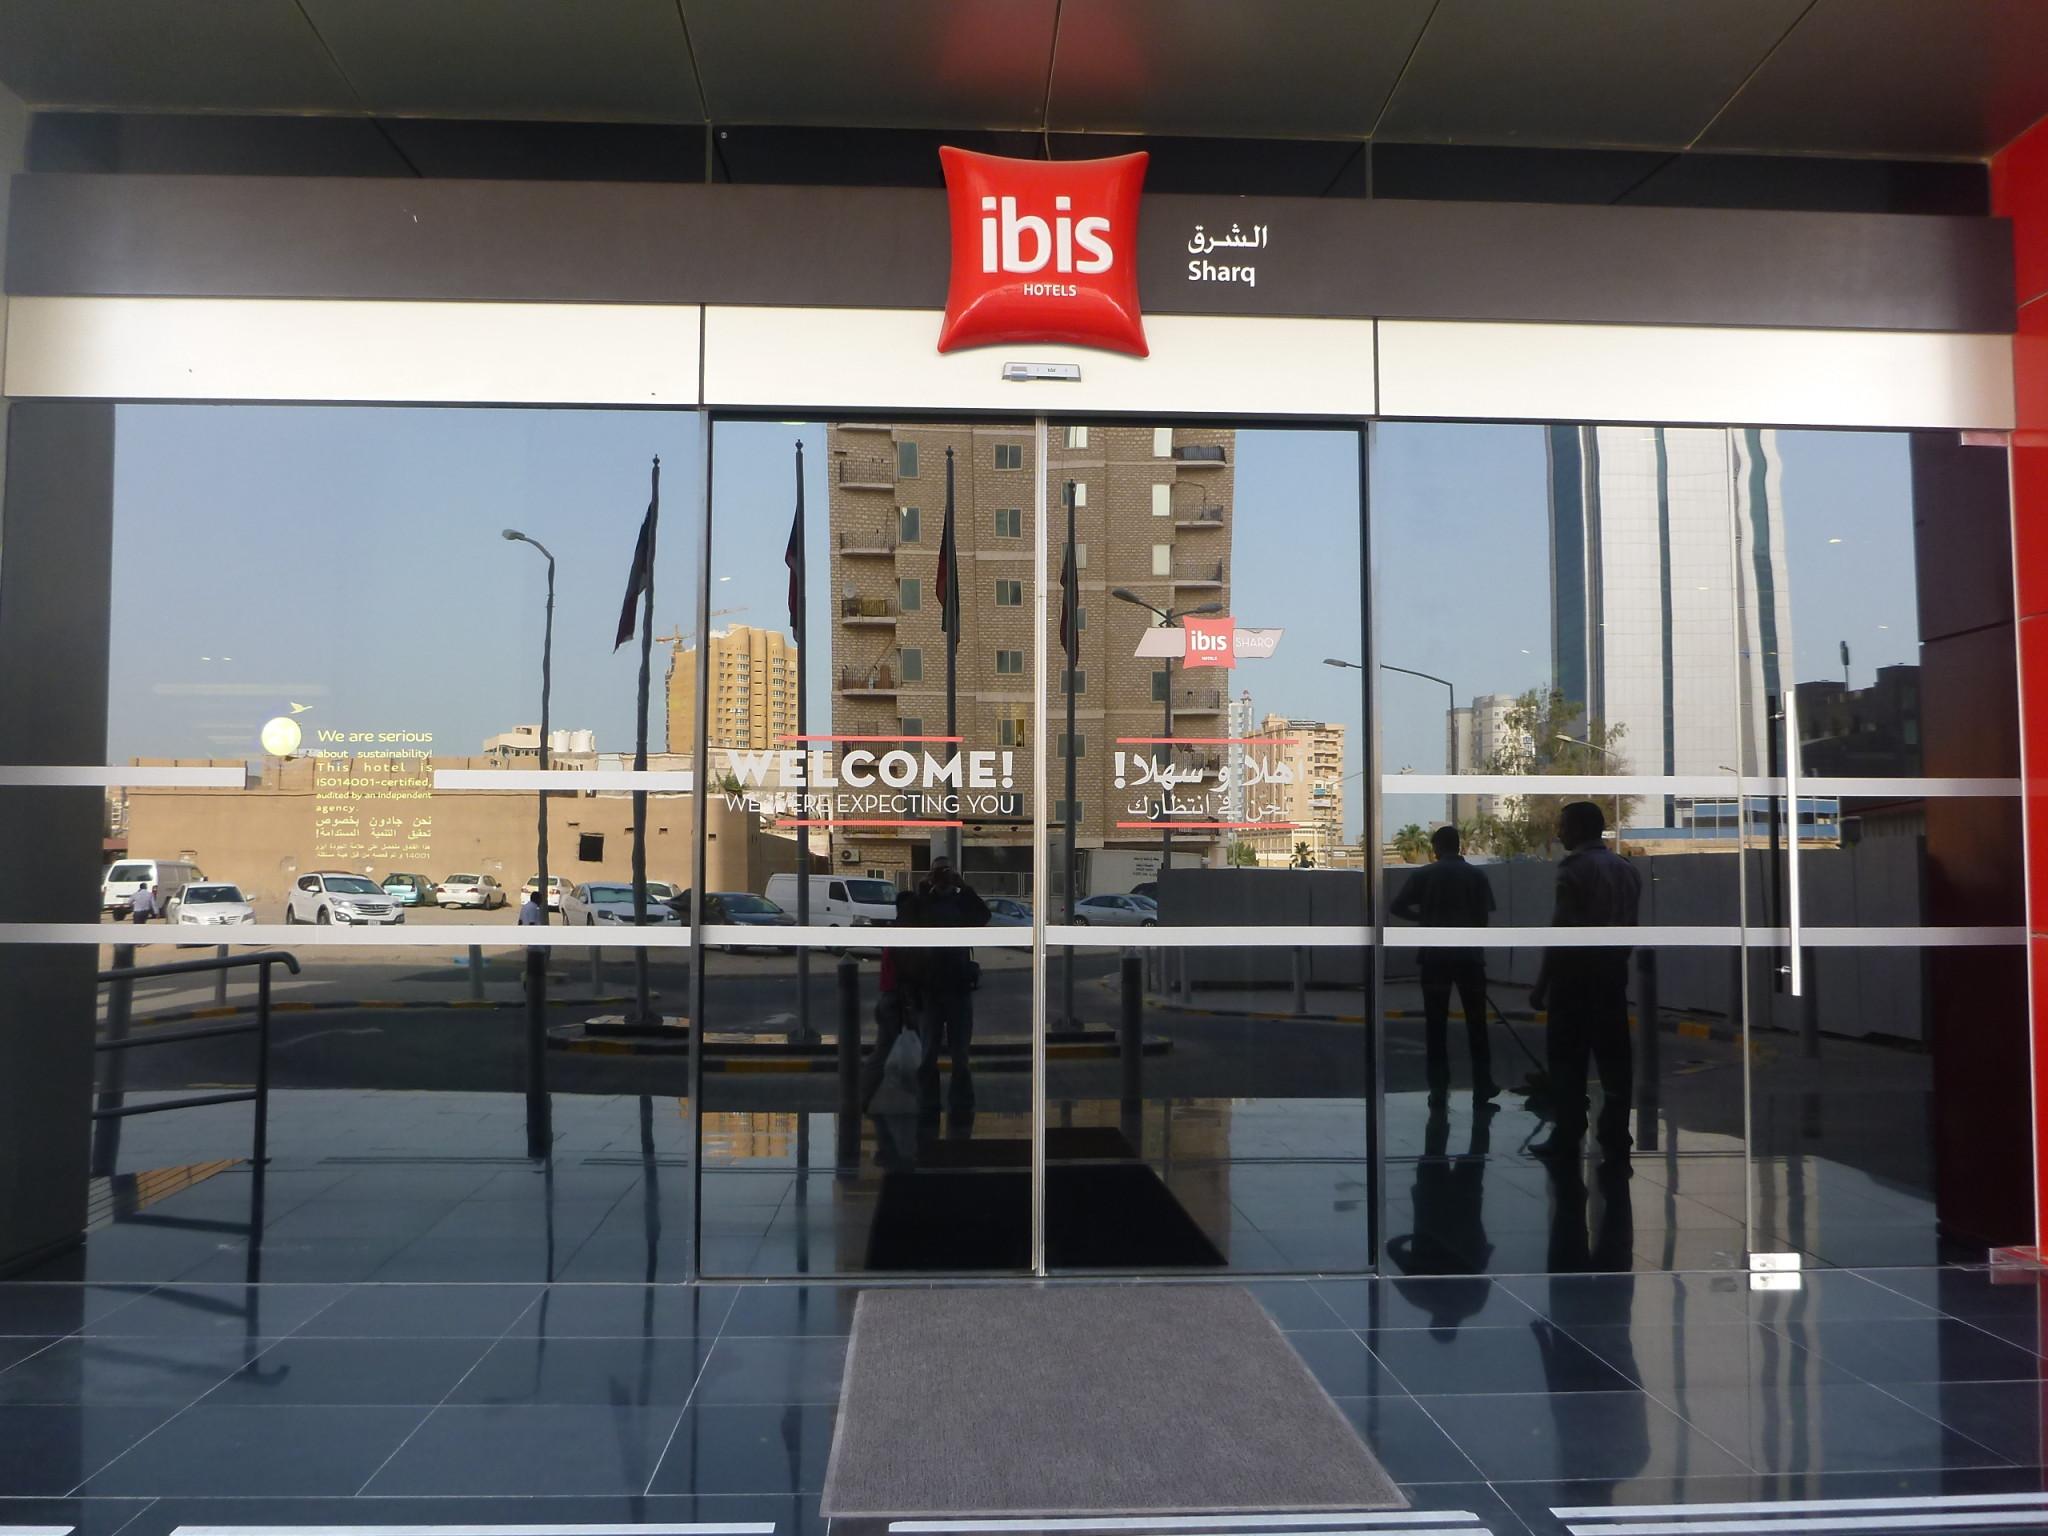 Hotel Ibis Sharq Kuwait City Kuwait